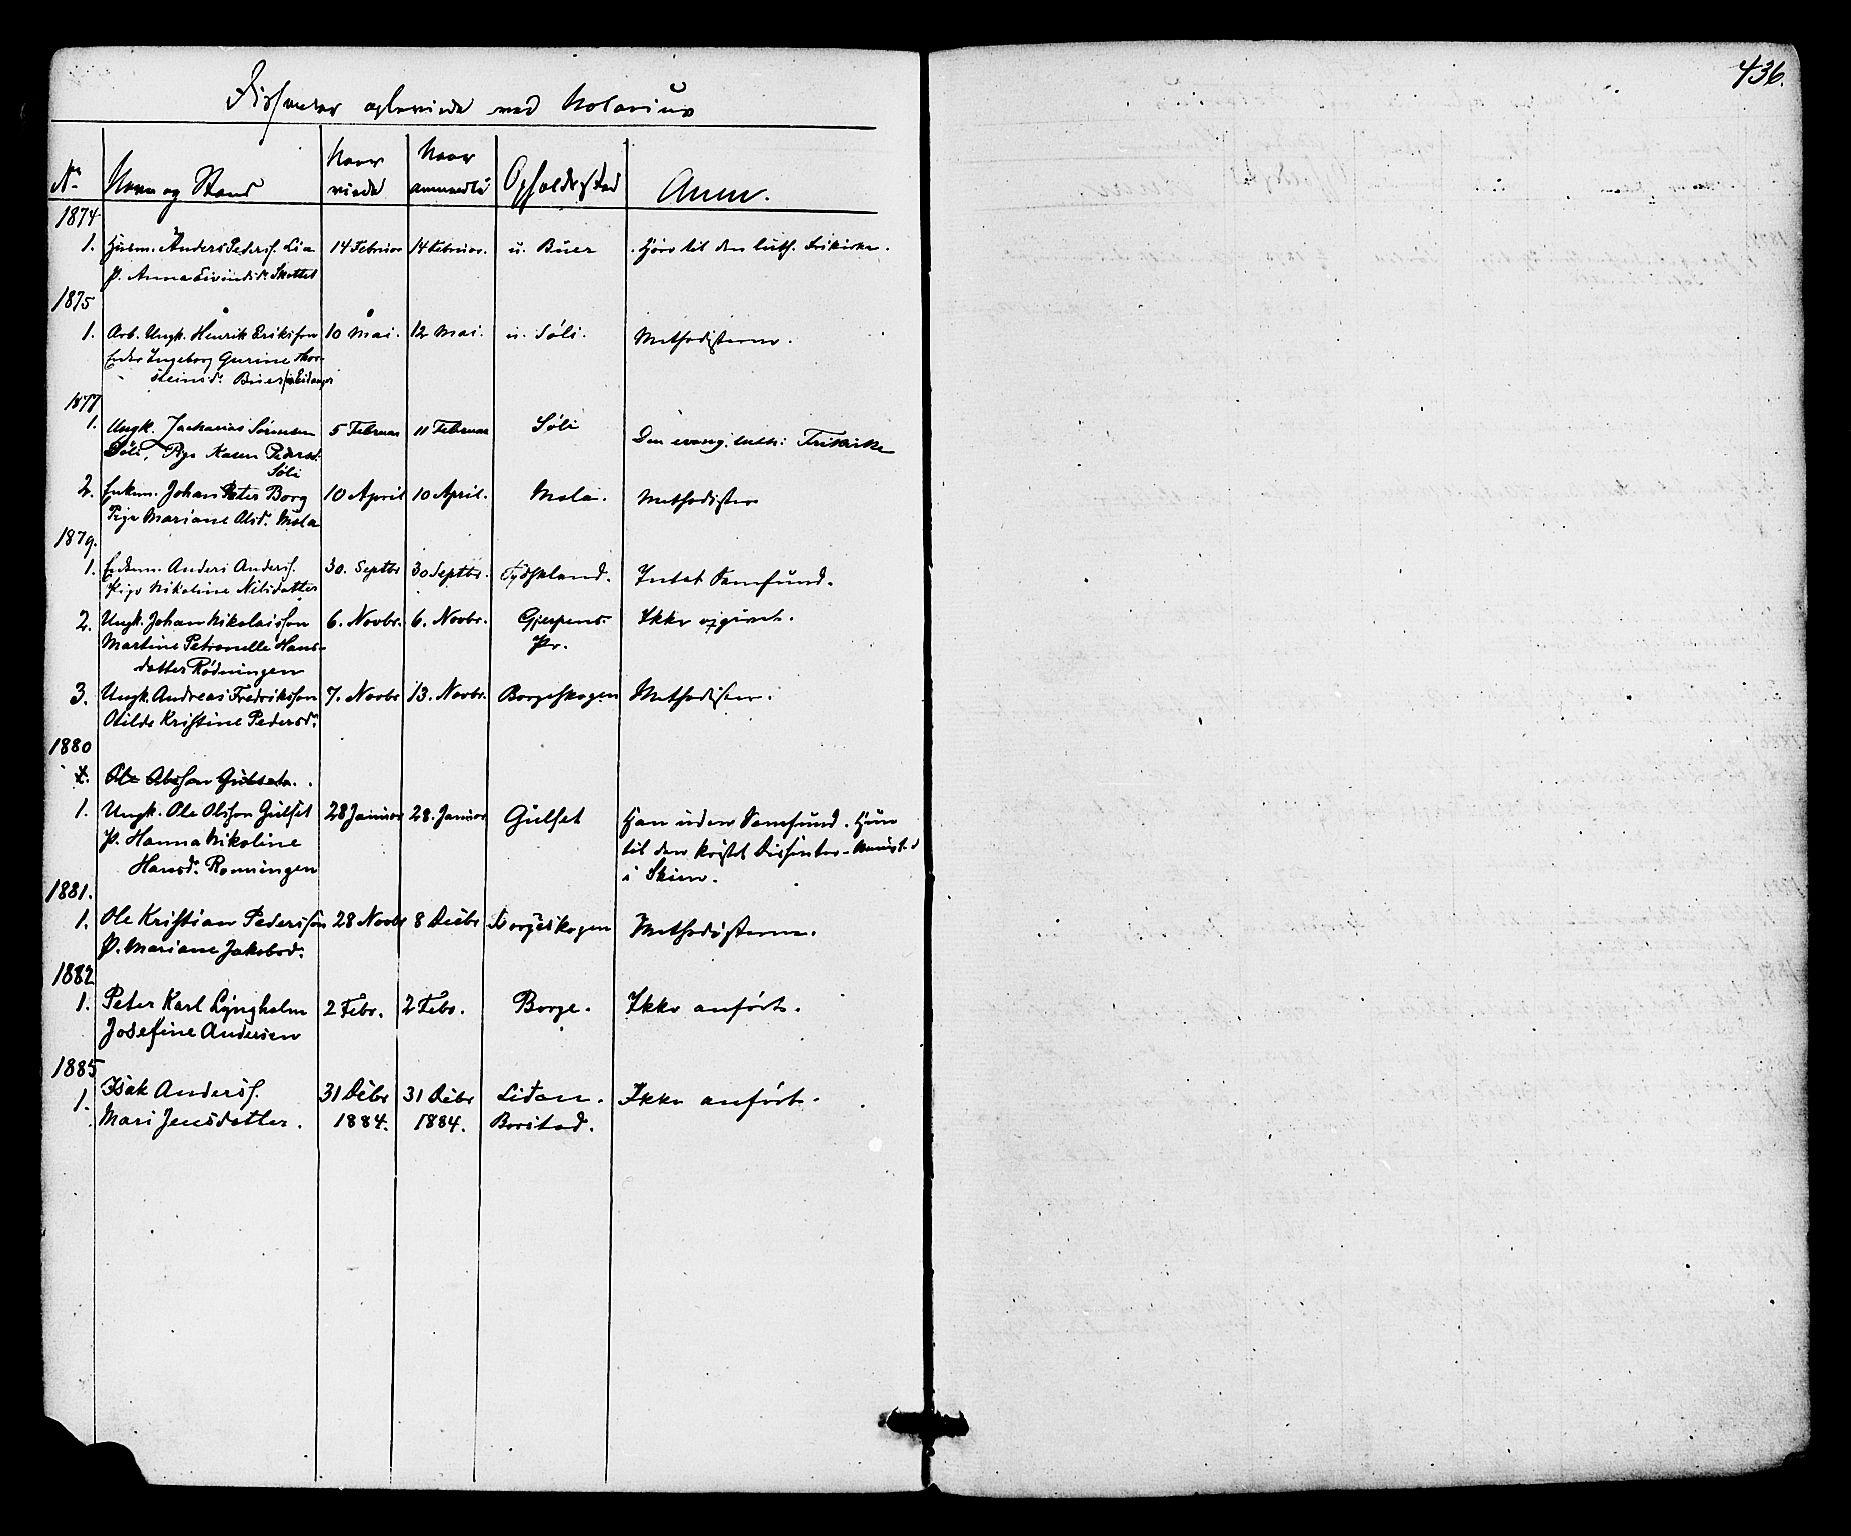 SAKO, Gjerpen kirkebøker, F/Fa/L0009: Ministerialbok nr. 9, 1872-1885, s. 436